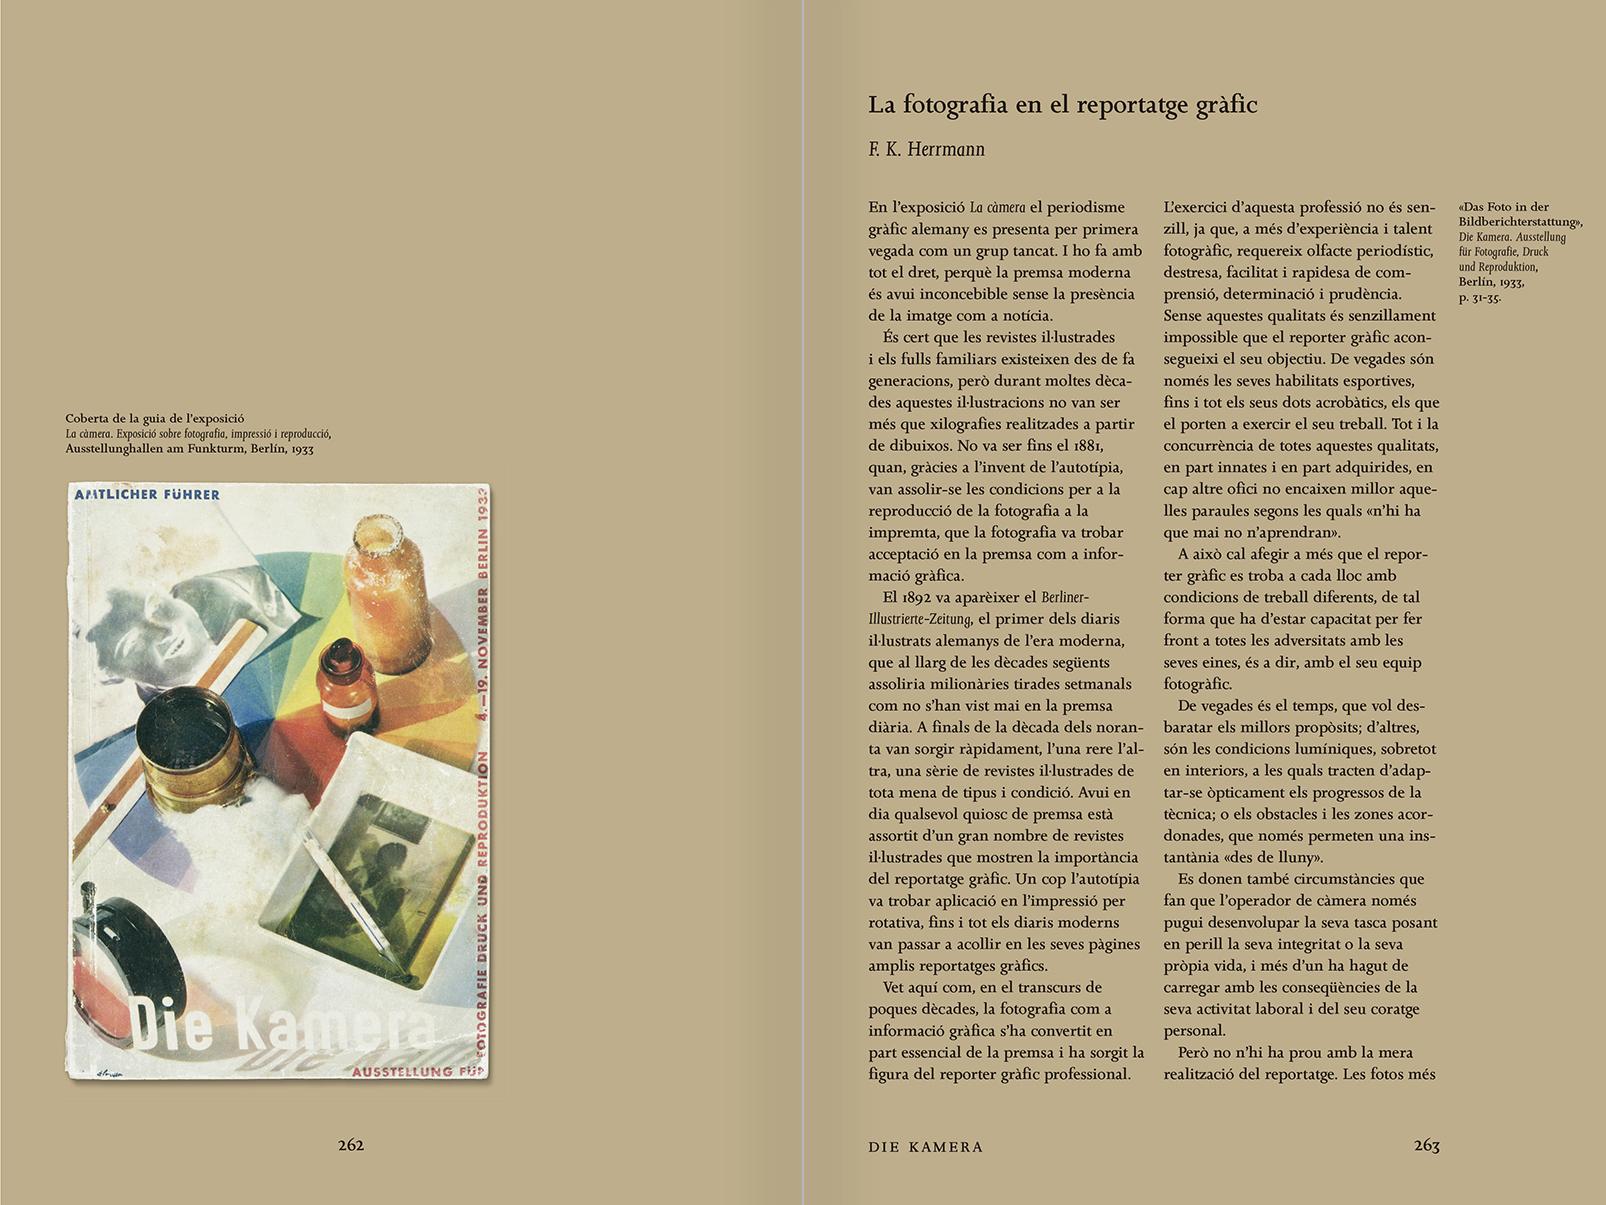 """Selección del catálogo """"Espacios fotográficos públicos. Exposiciones de propaganda, de Pressa a The Family of Man, 1928-1955"""" páginas 262 y 263"""